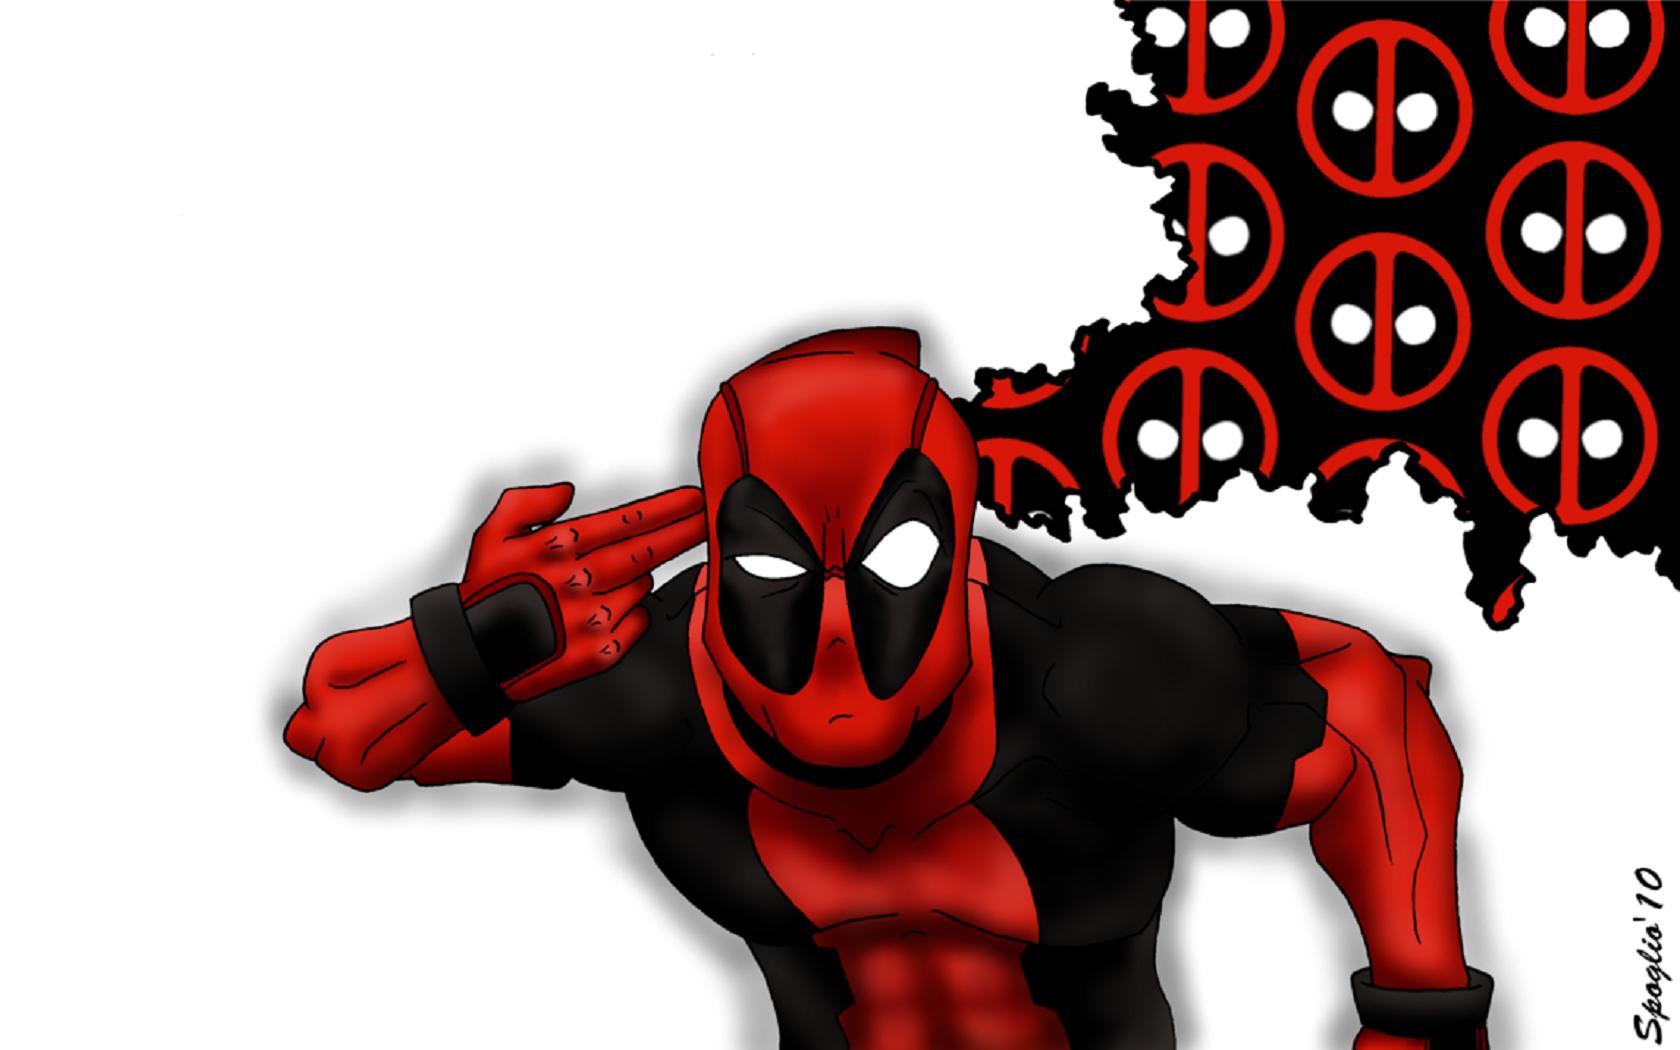 8chan Wallpaper: Wallpaper Deadpool By Spoglio91